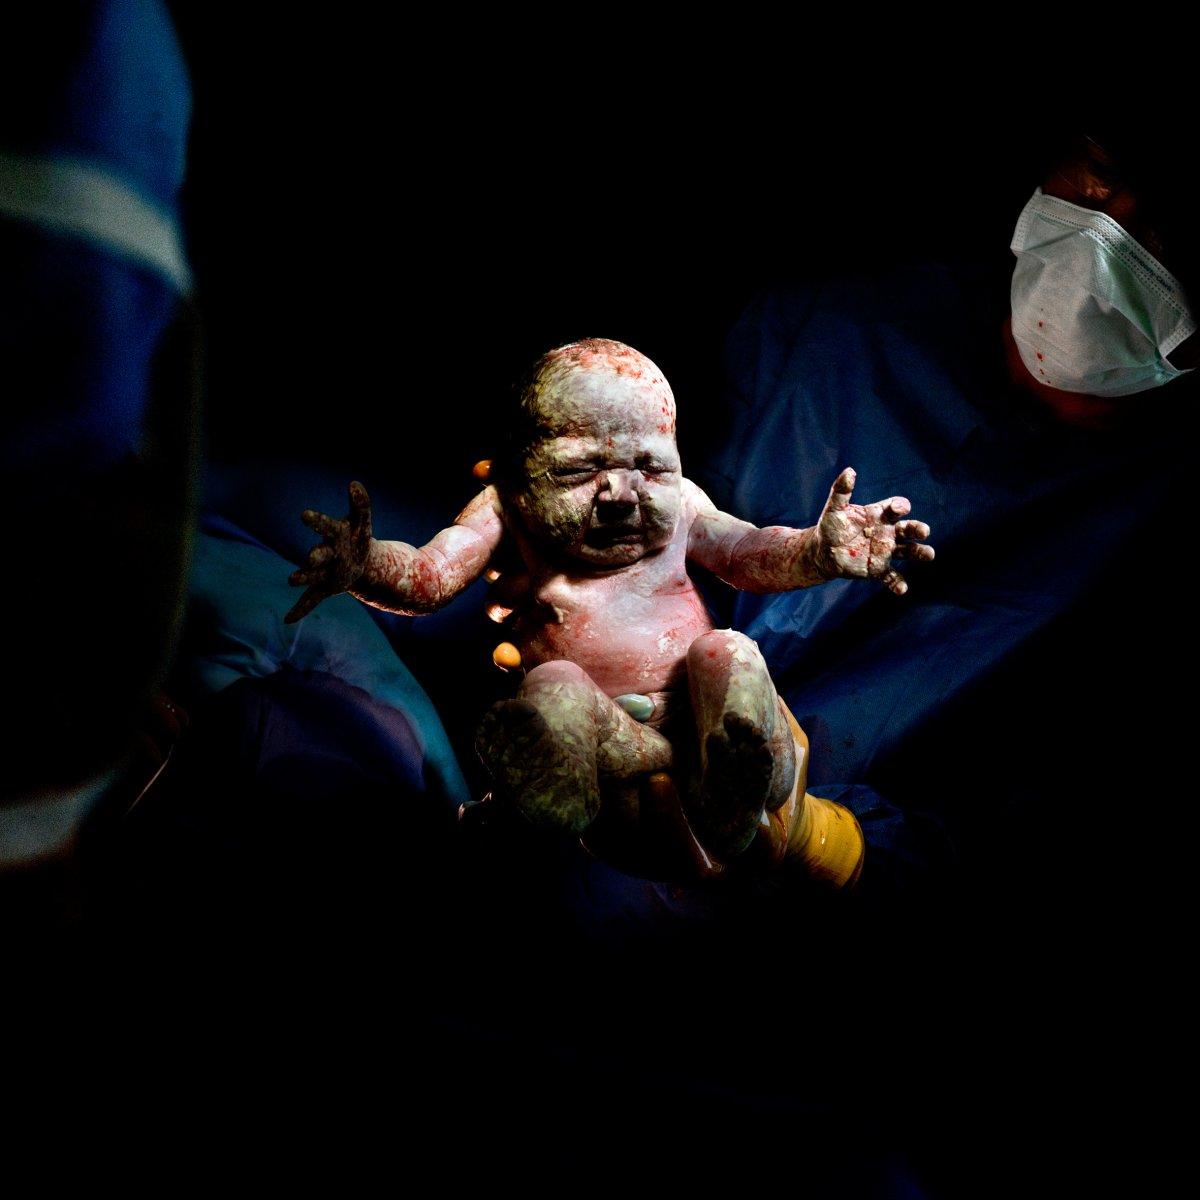 32 fotos impressionantes dos Prêmios da Sony World Photography 14